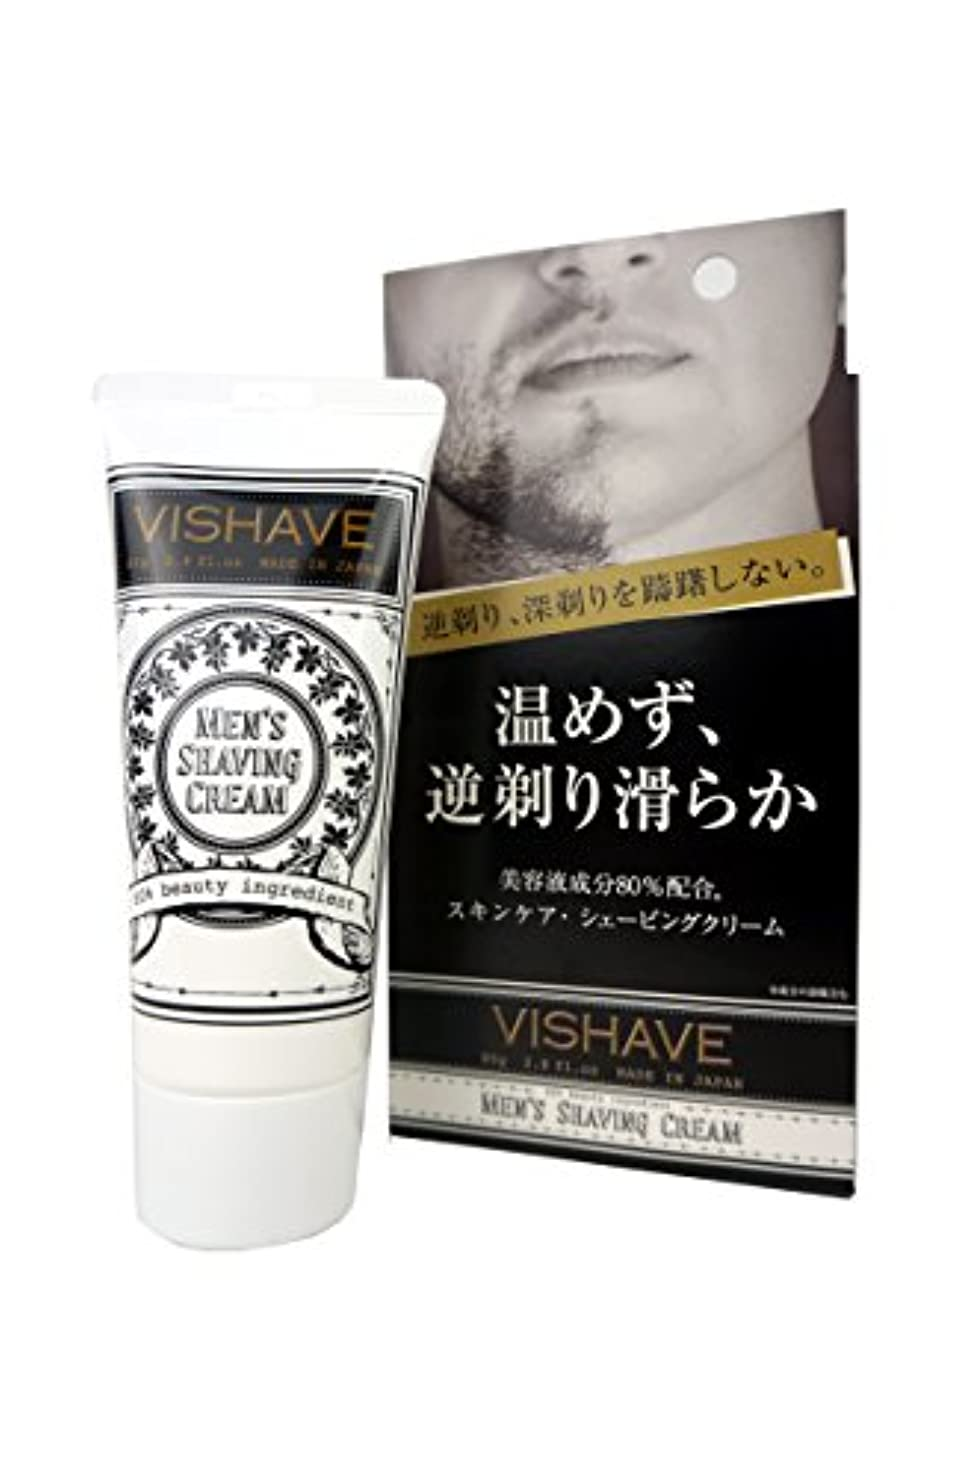 鉄全能雄大なヴィシェーブ 逆剃り対応シェービングクリーム&アフターシェーブ